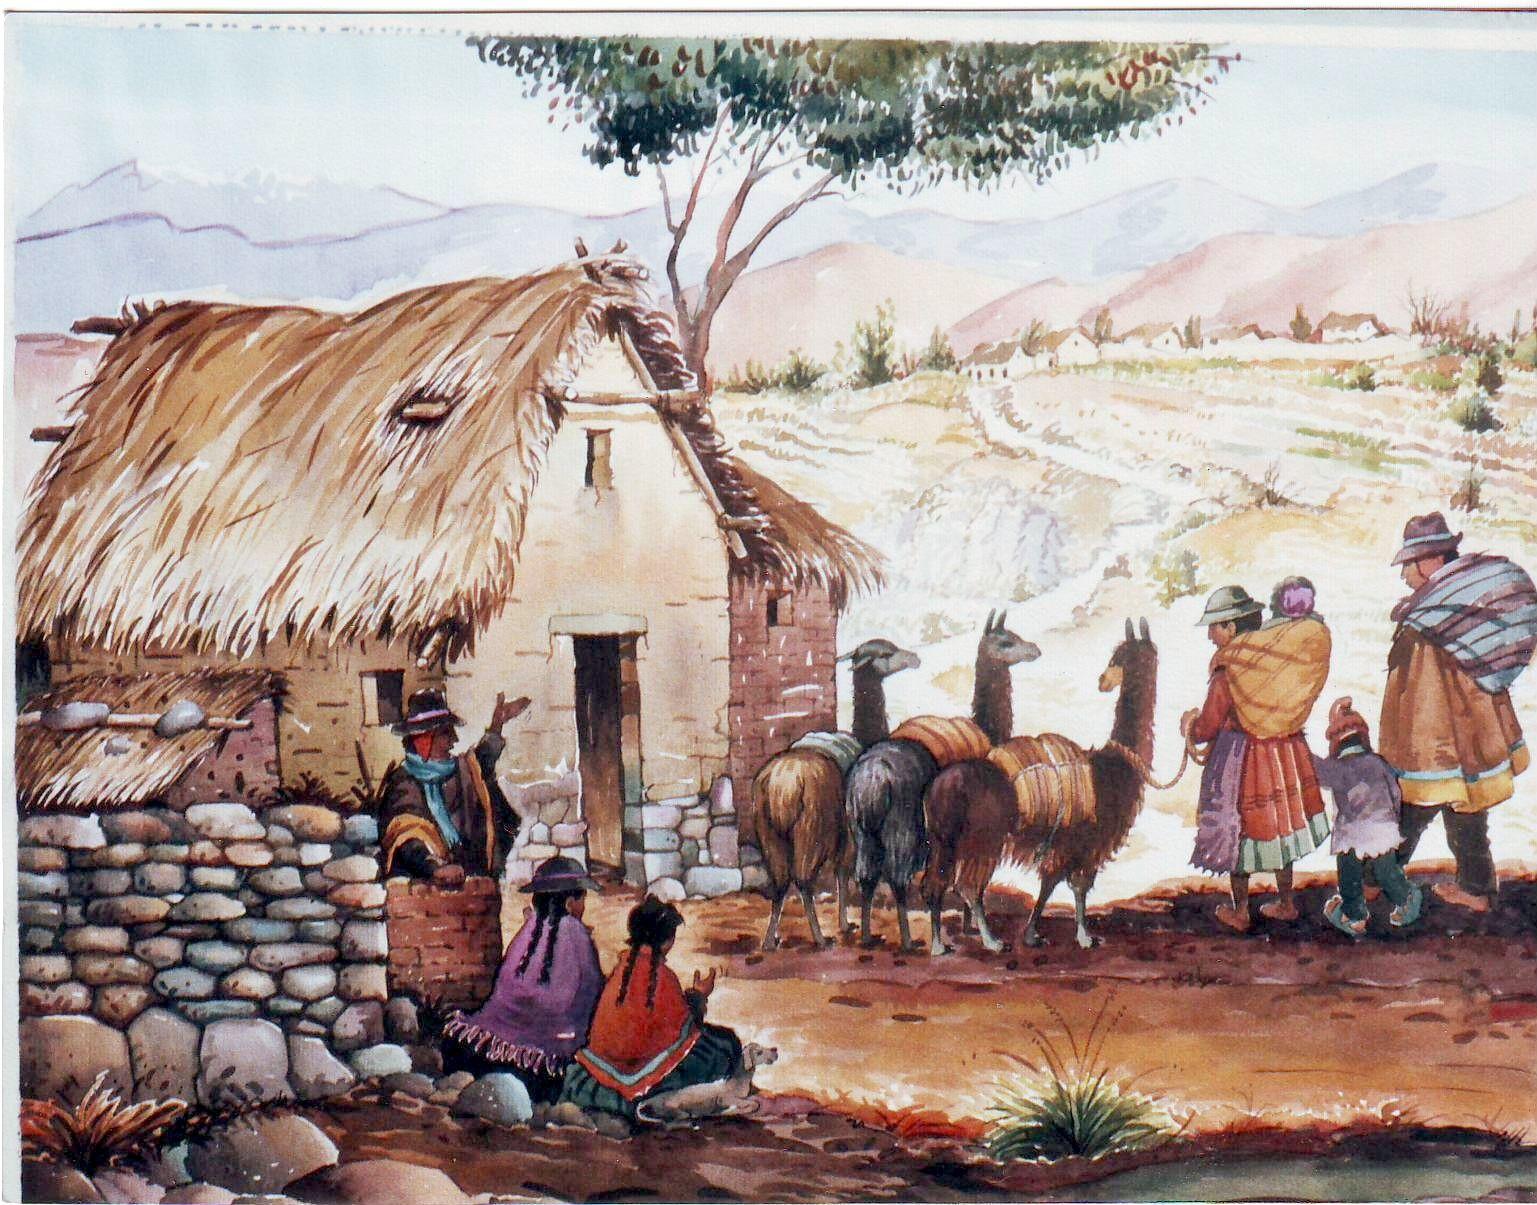 Paisaje andino buscar con google arte peruano - Cuadros de pies ...